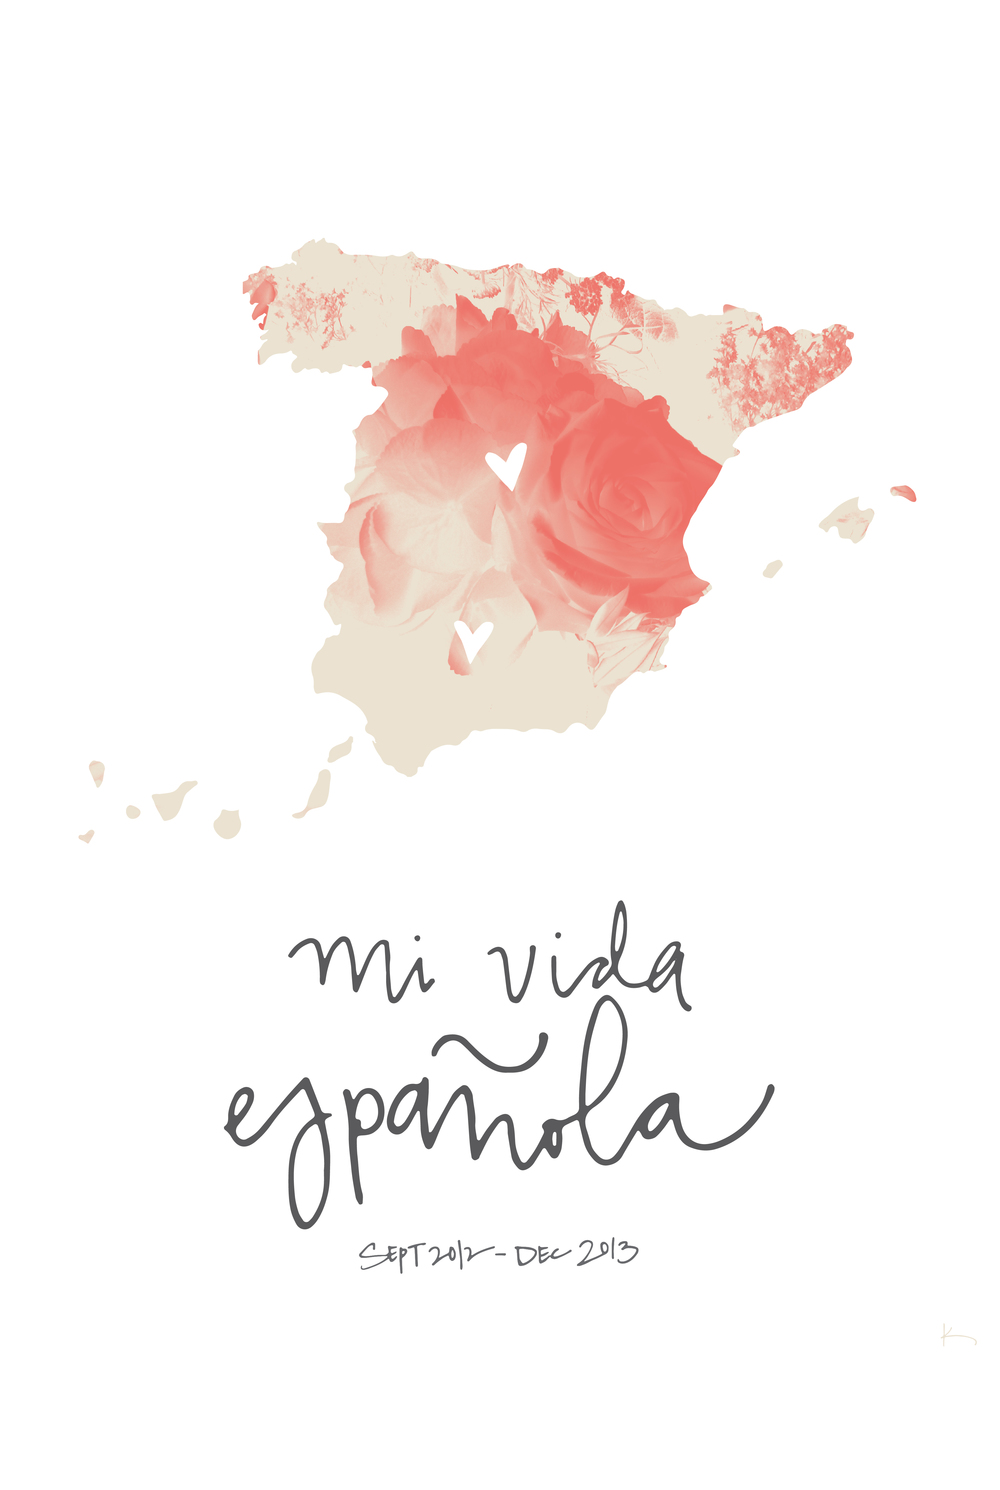 Spain_DX5.jpg